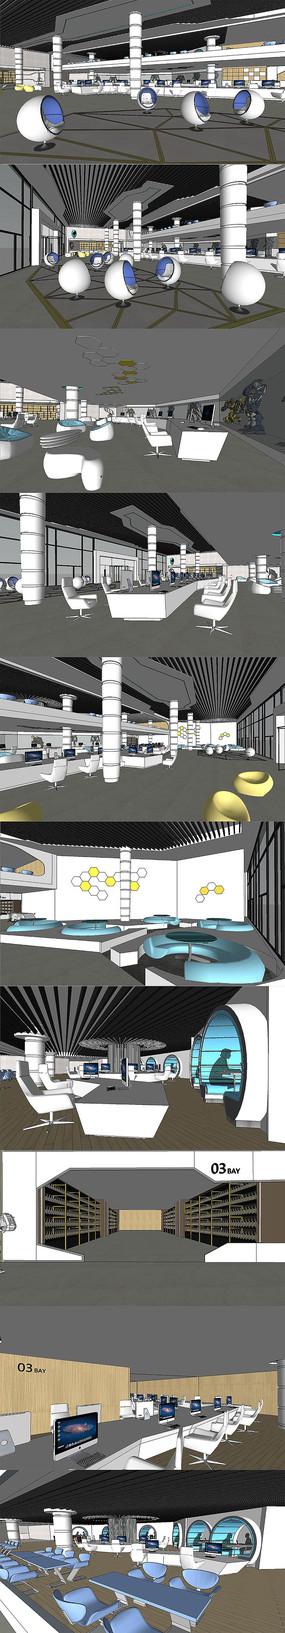 科技馆展厅室内设计SU模型